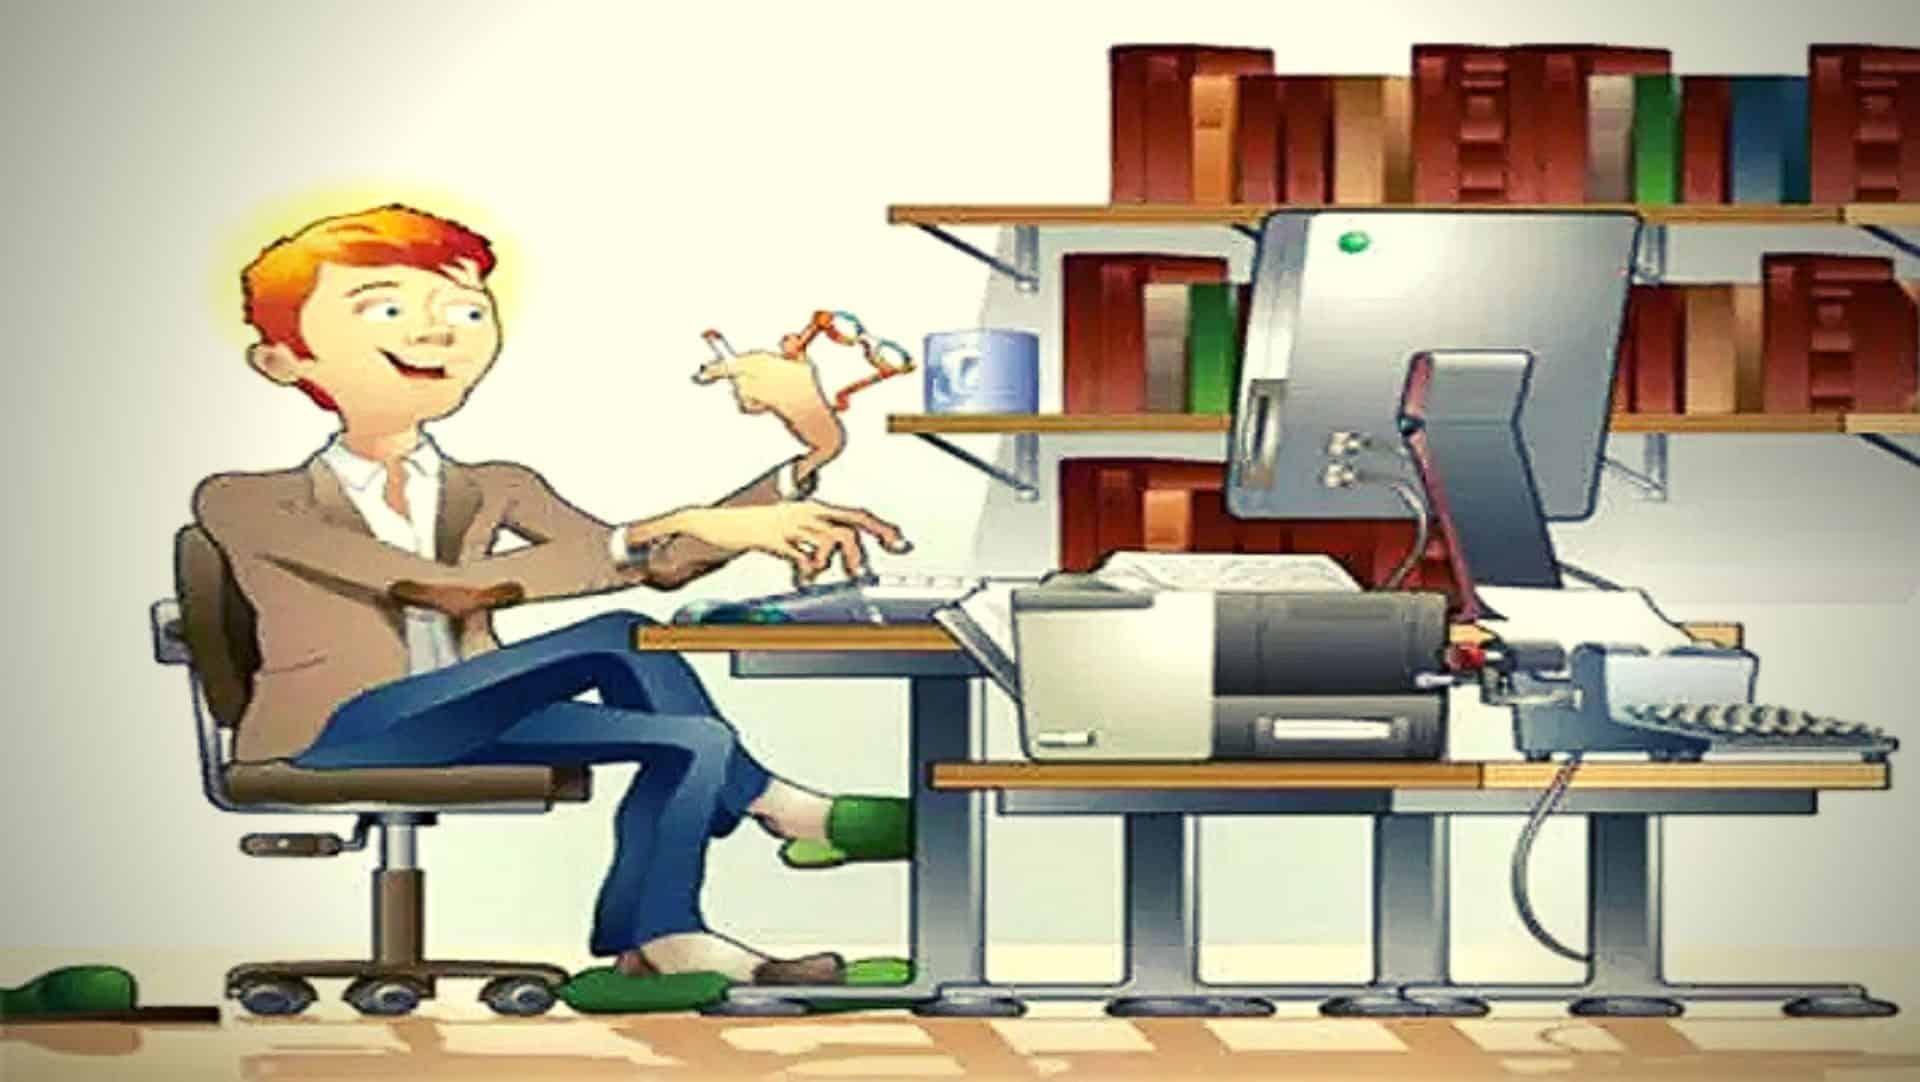 Làm việc online có thật sự chất lượng